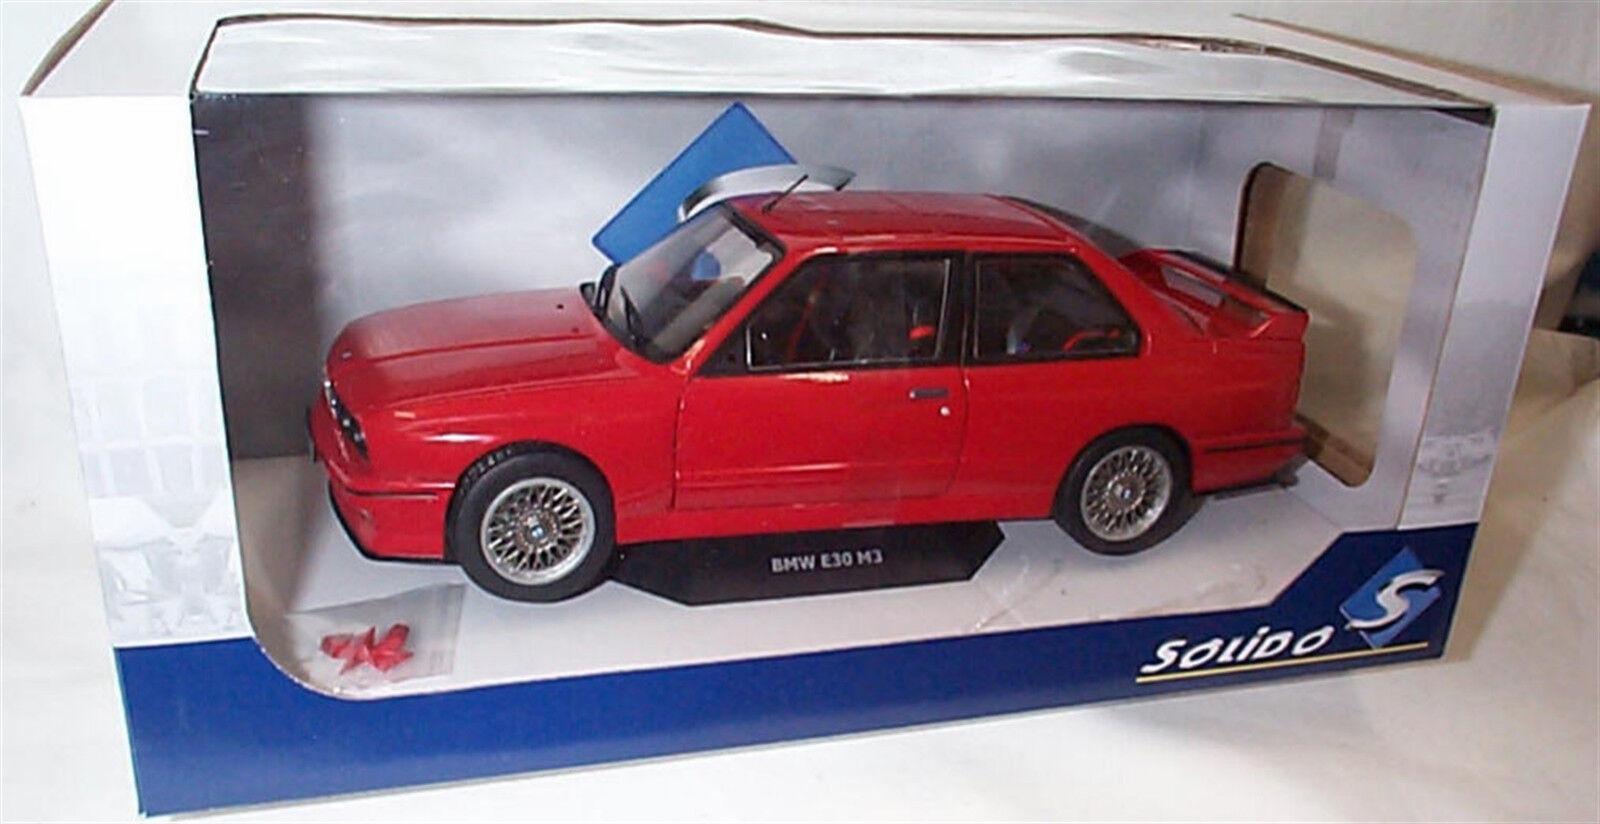 BMW E30 M3 Sport Evo 1990 in (environ 5054.60 cm) rouge 1/18 - S1801502 SOLIDO | Une Forte Résistance à Chaleur Et Résistant  | La Qualité Et La Quantité Assurée  | Good Design  | Grandes Variétés